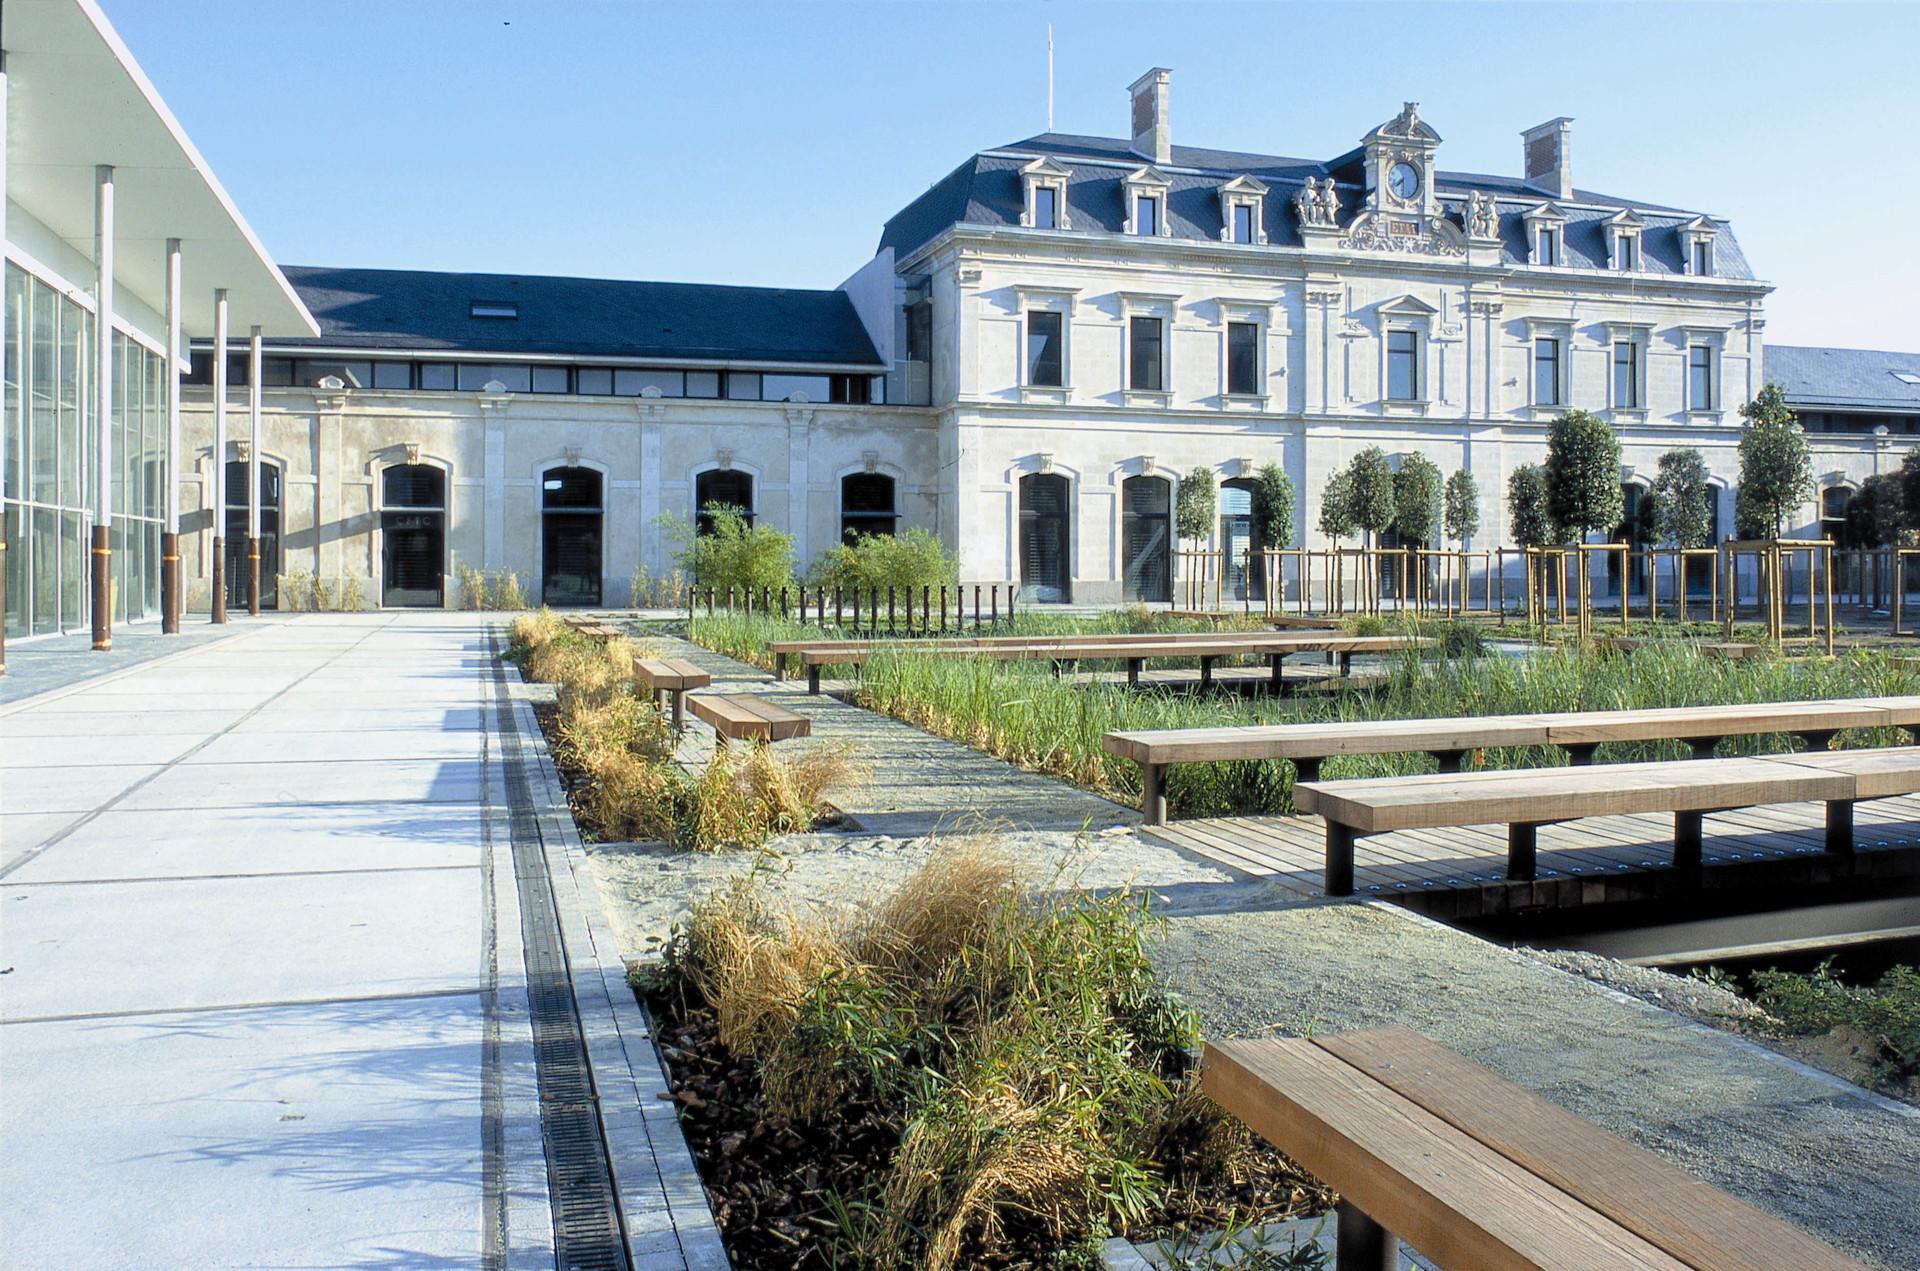 Maison des syndicats - Île de Nantes – Fabriquer la ville autrement